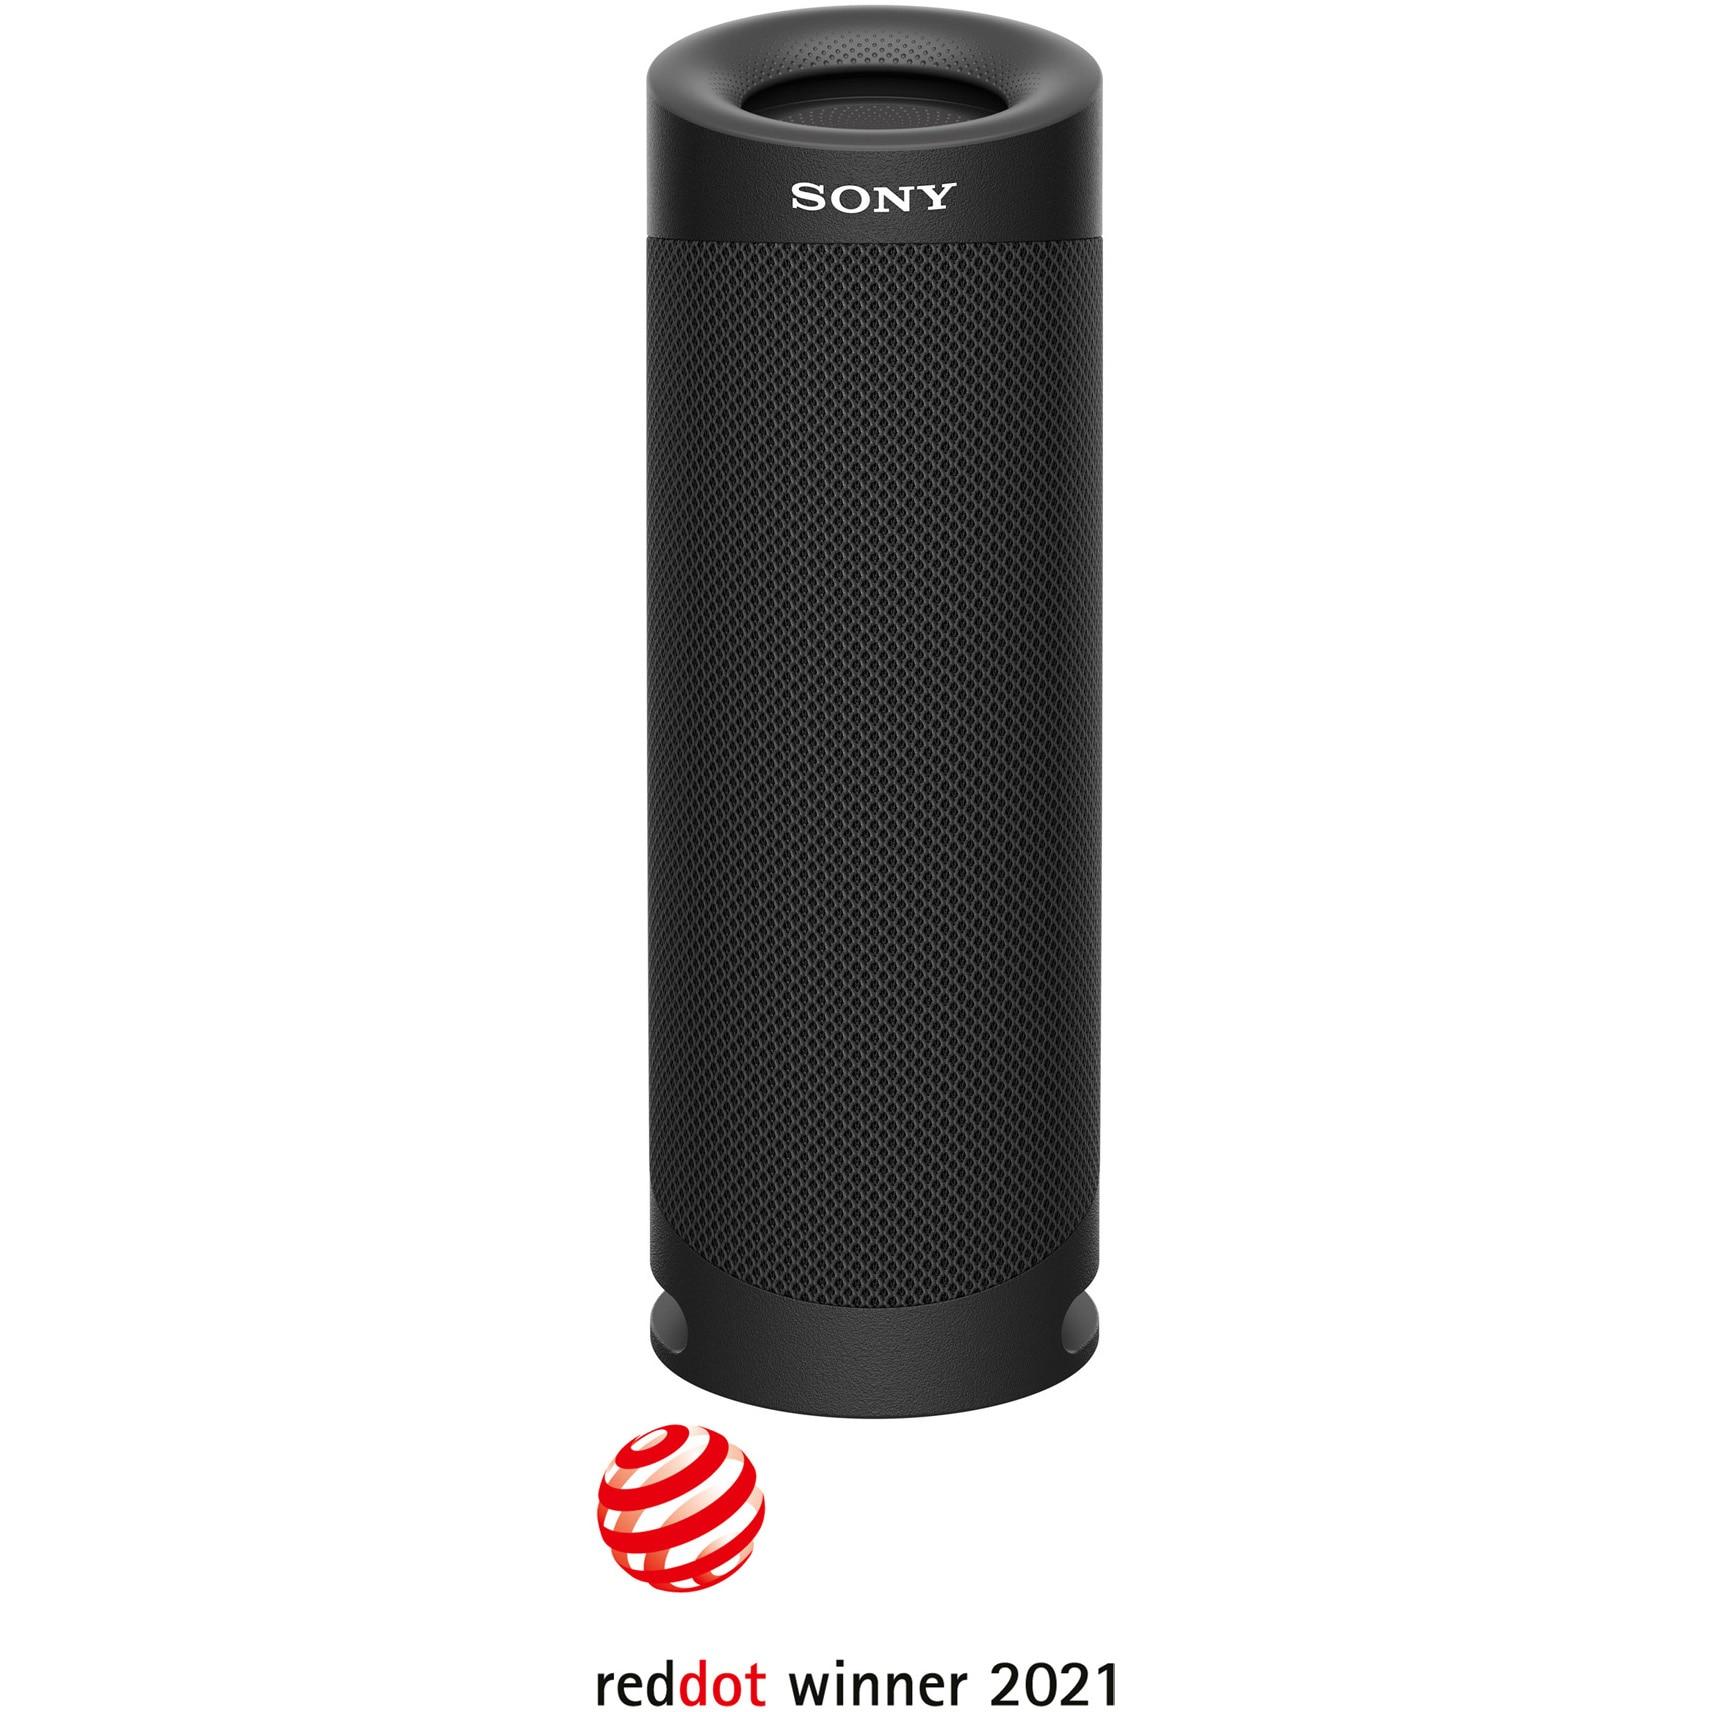 Fotografie Boxa portabila Sony SRS-XB23B, Extra Bass, Rezistenta la apa IP67, Bluetooth 5.0, Autonomie 12 ore, Microfon, Negru